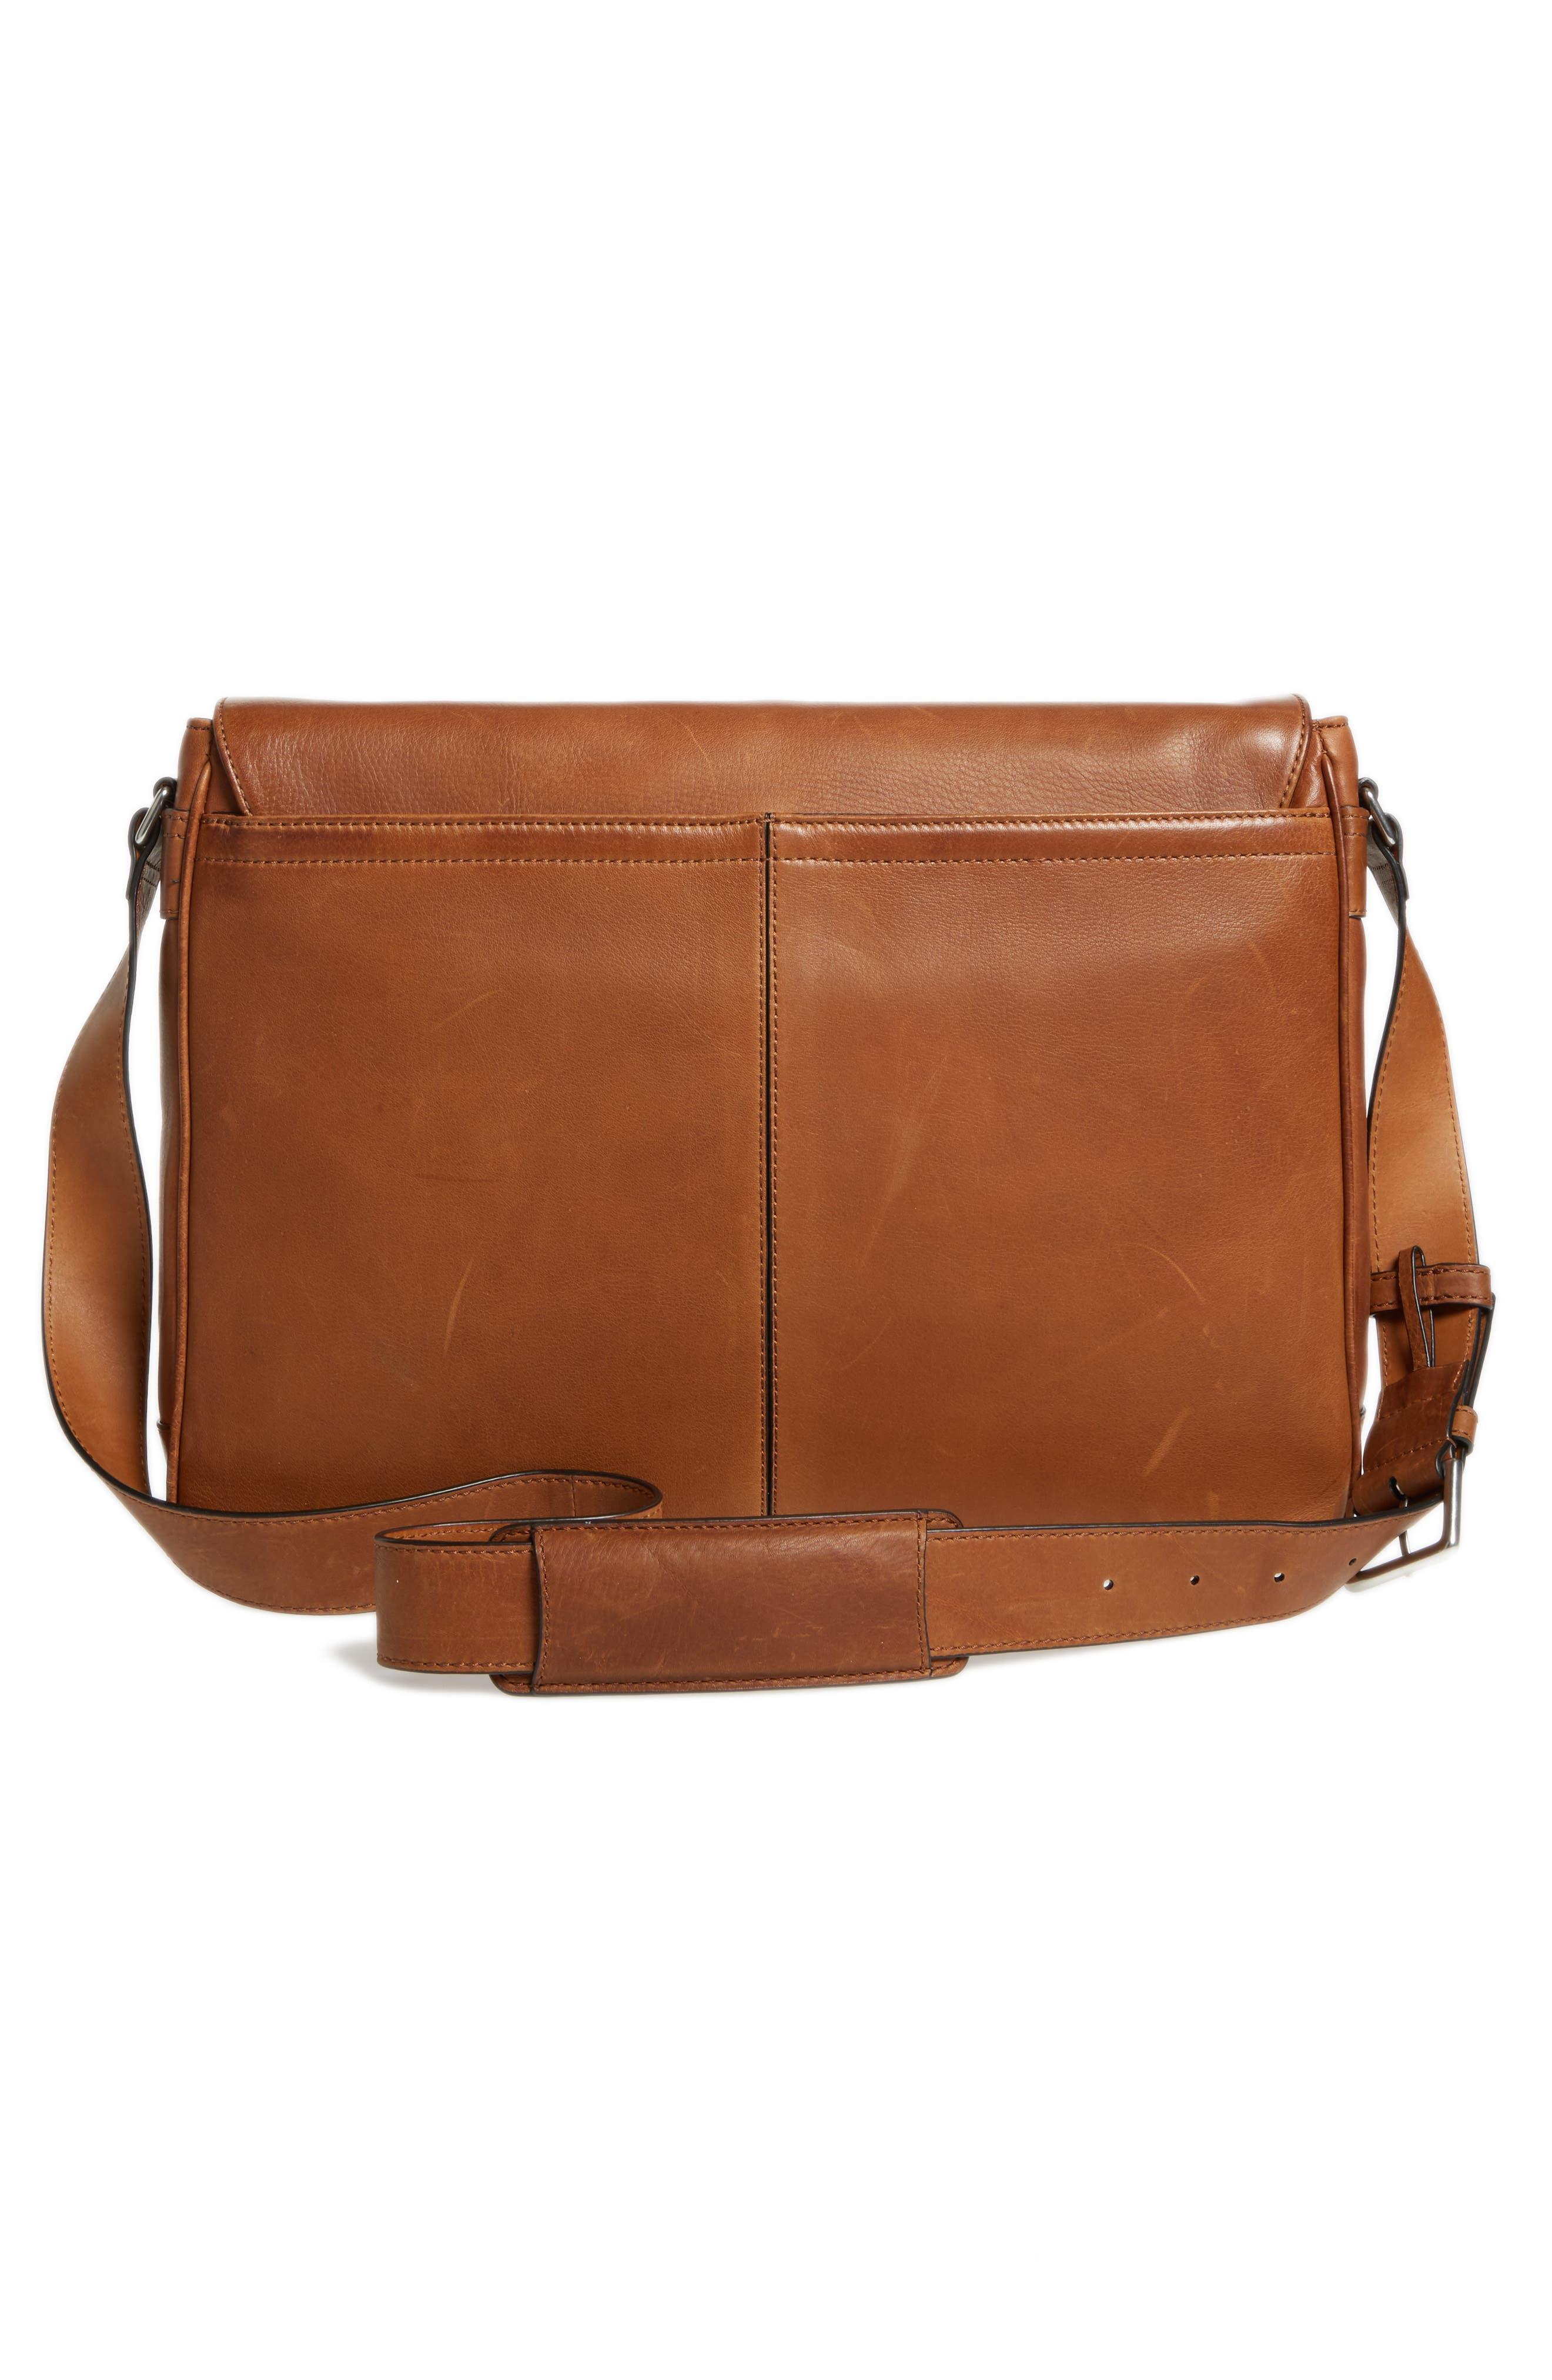 Oliver Leather Messenger Bag,                             Alternate thumbnail 3, color,                             Cognac